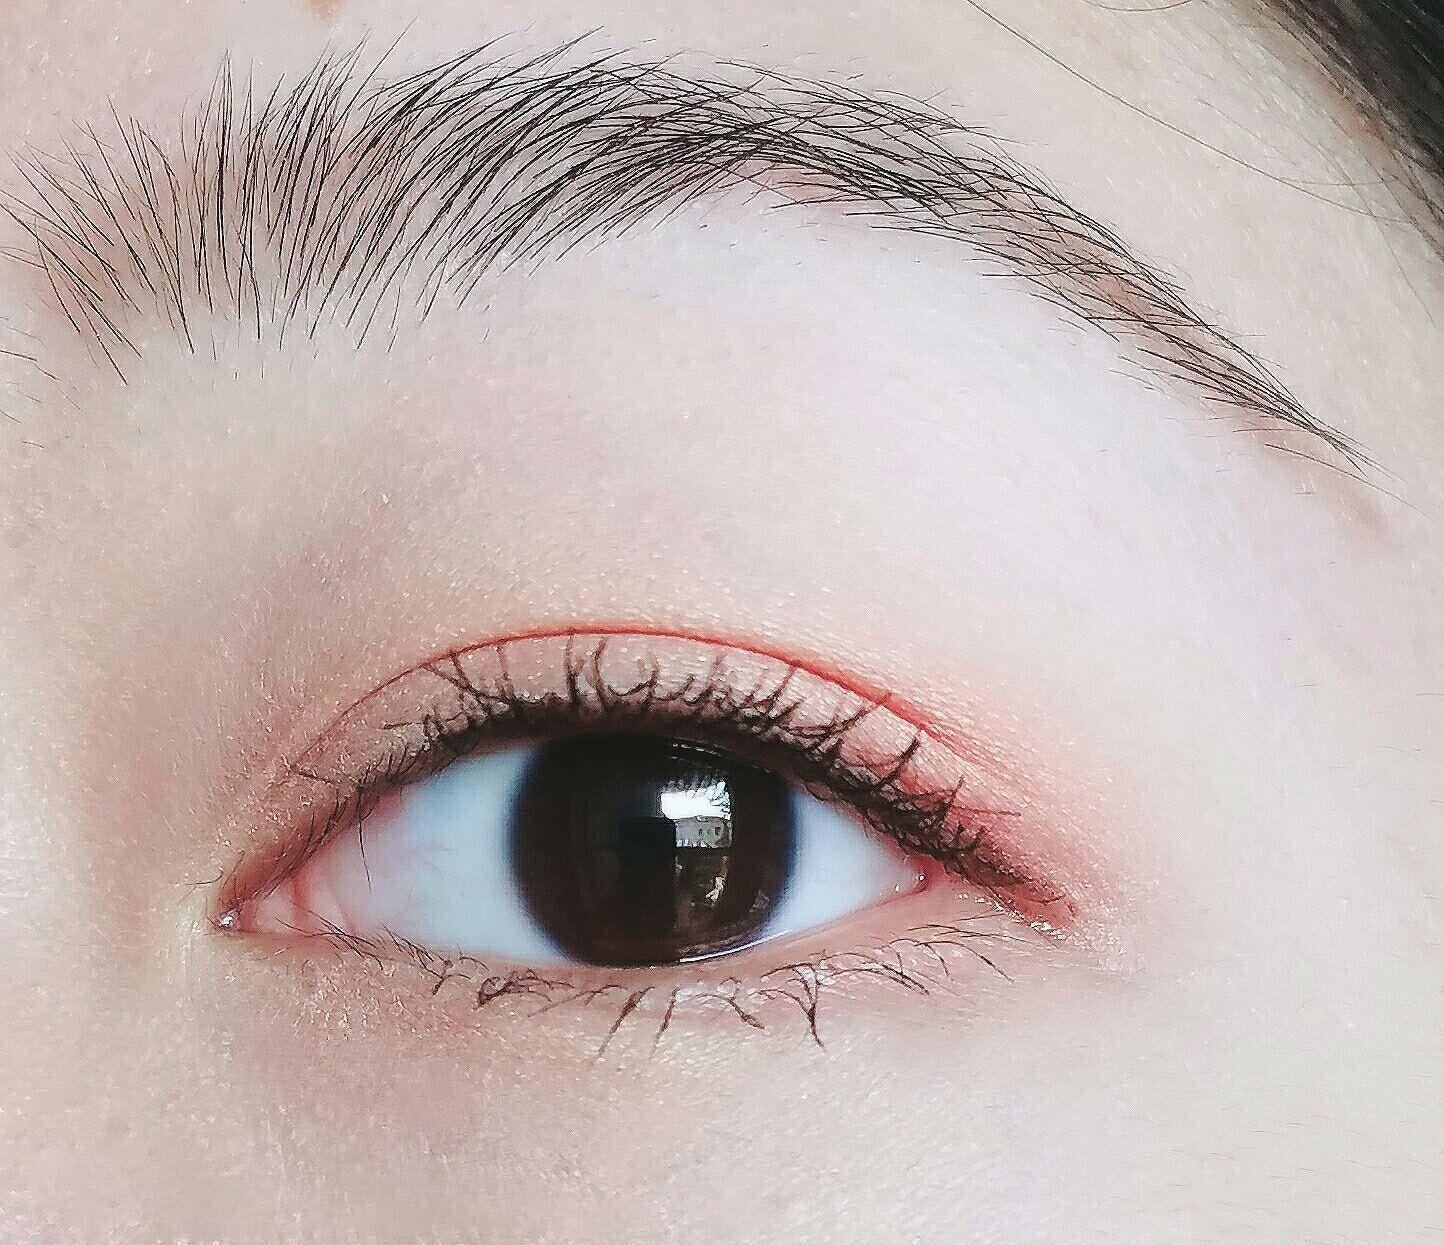 多层眼皮眼线_双眼皮比较窄而且眼睛突怎样化眼妆? - 知乎